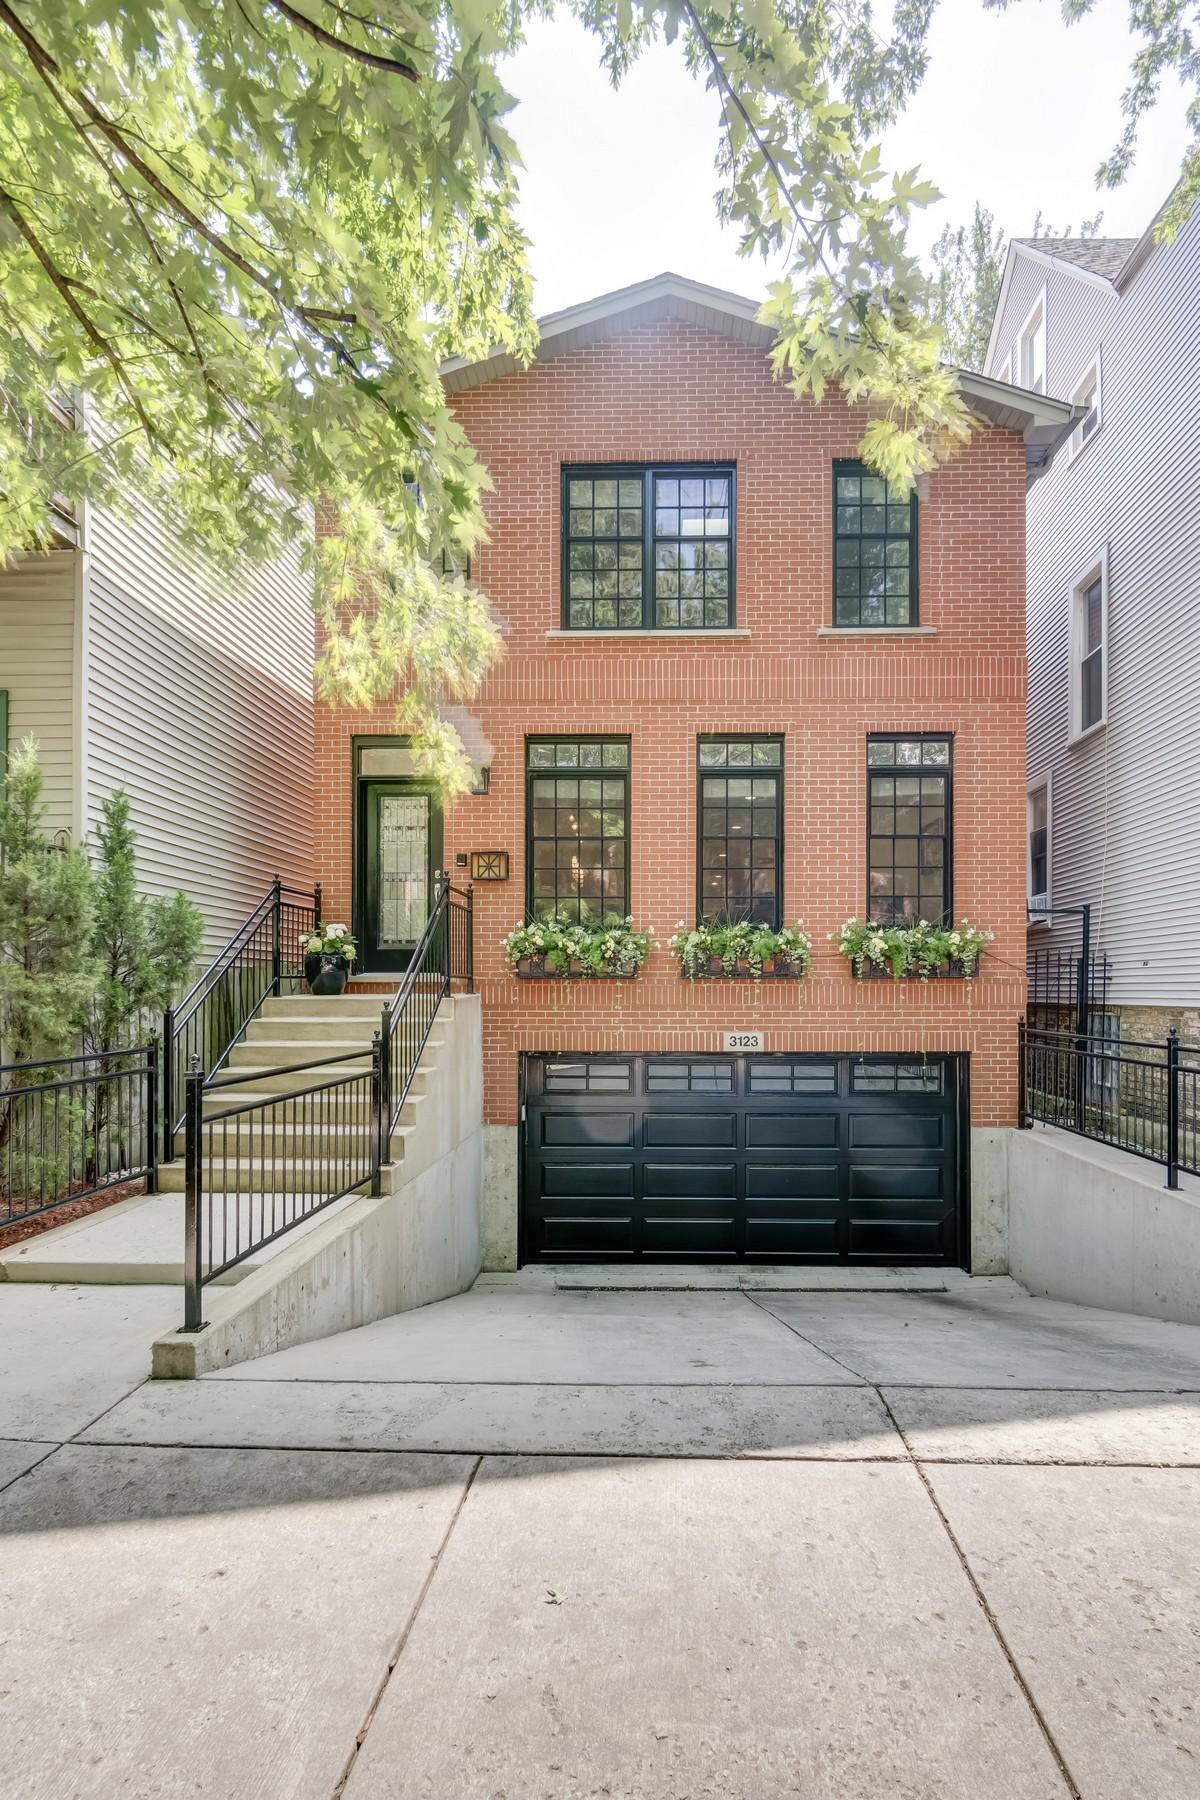 Einfamilienhaus für Verkauf beim Spacious Two Story Home 3123 N Paulina Street Chicago, Illinois, 60657 Vereinigte Staaten